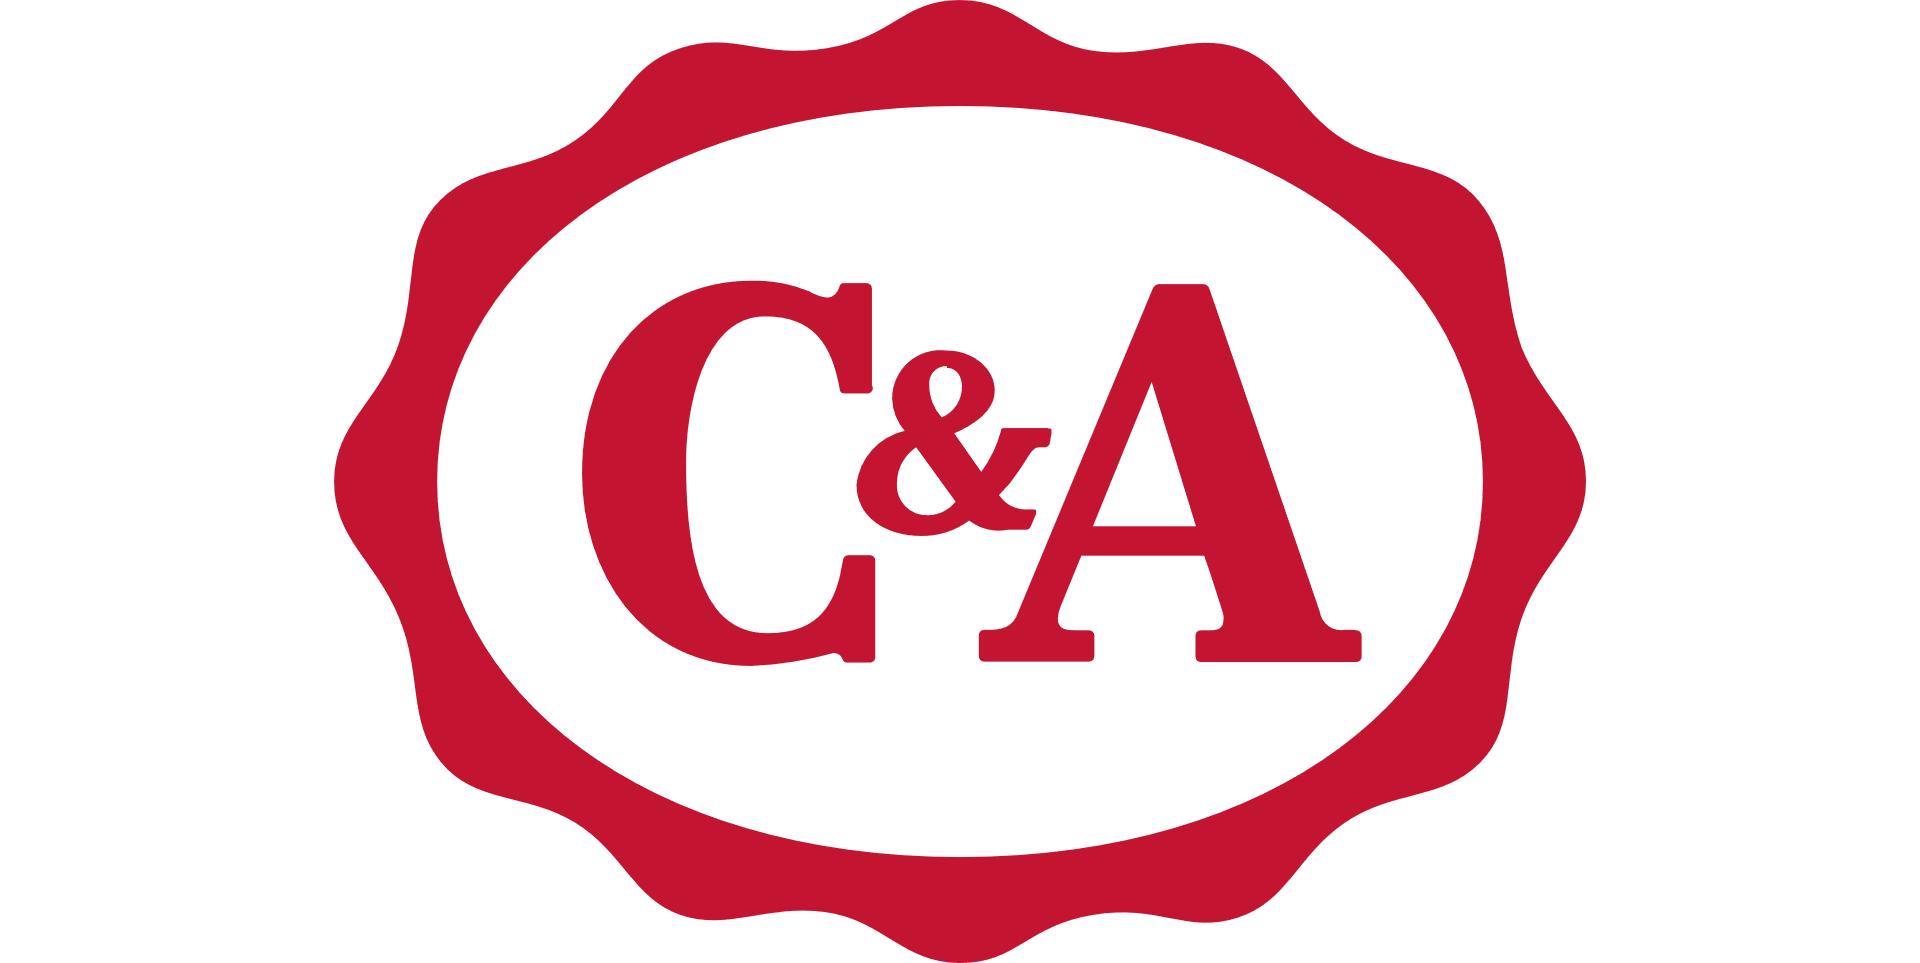 Gratis verzending bij C&A (t/m 13 juni)